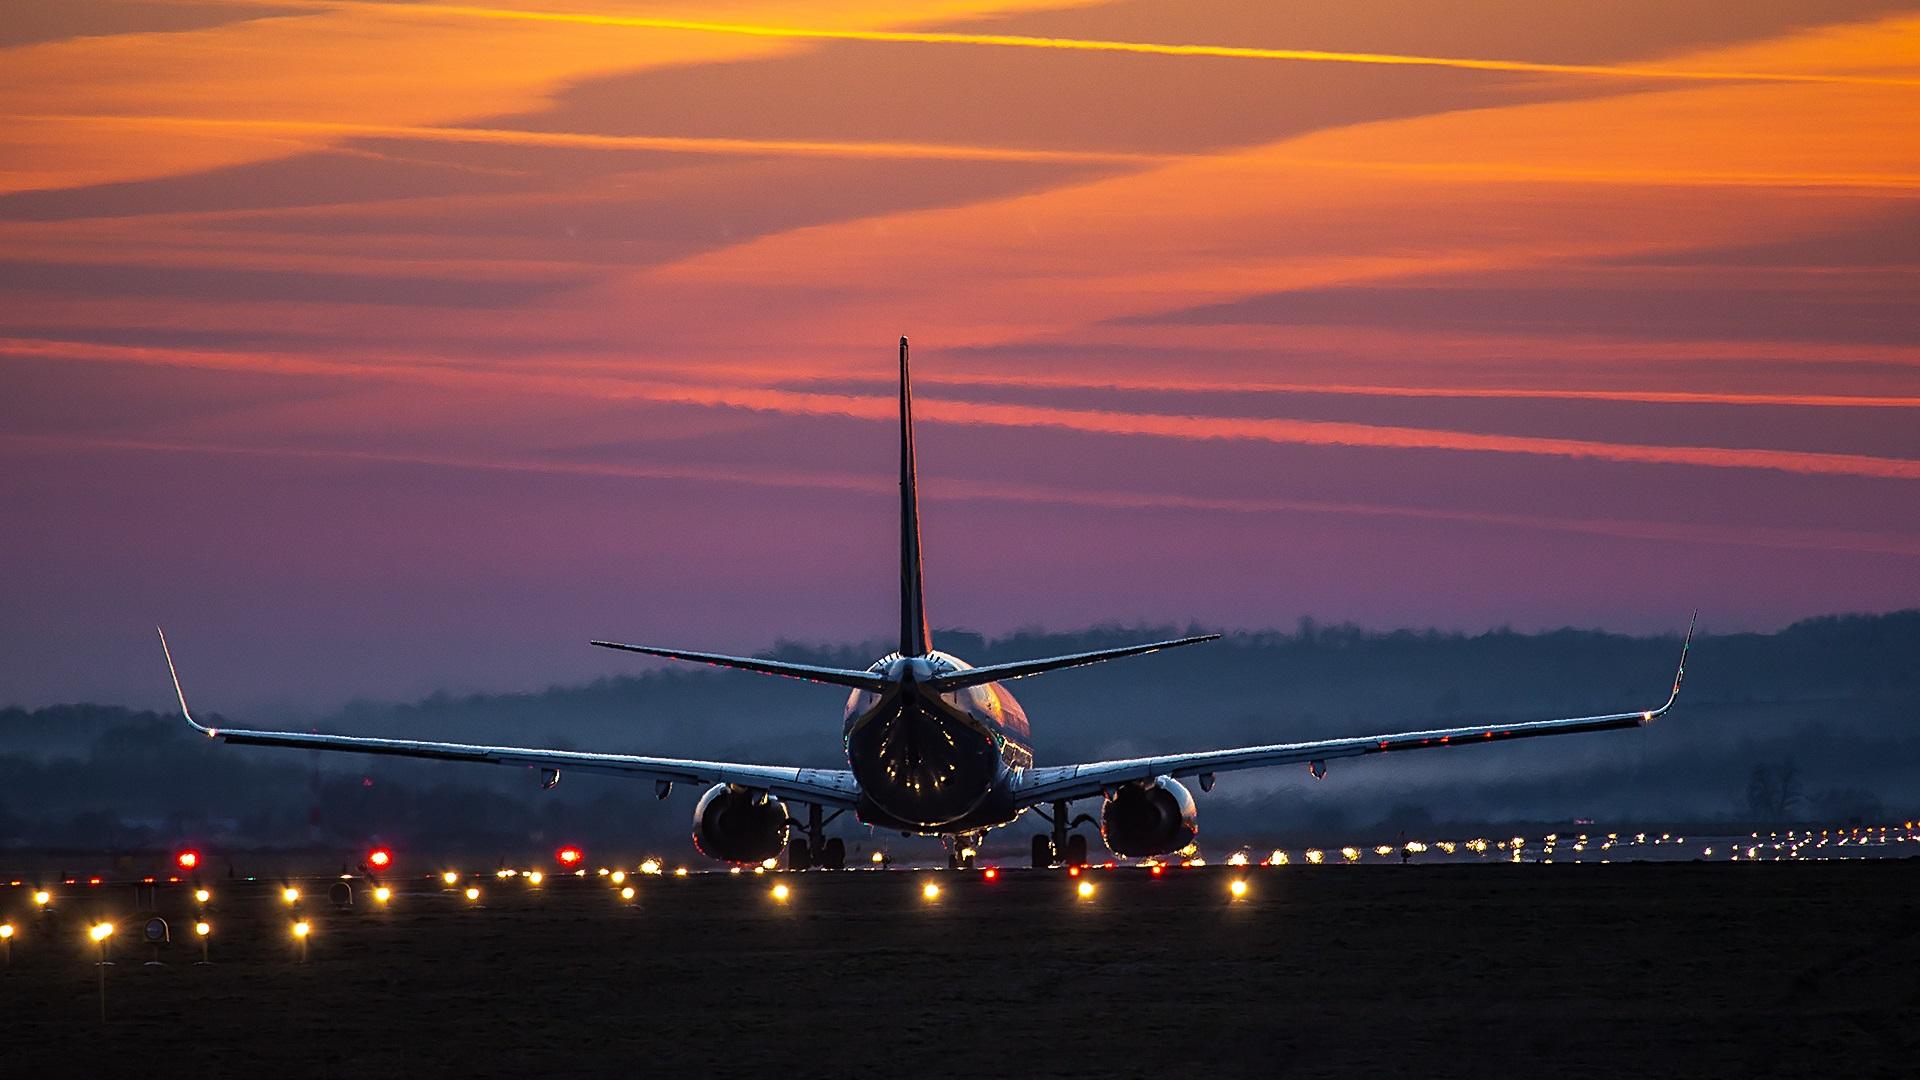 Обои вид, двигатели, Самолёт, сзади, чёрный. Авиация foto 10